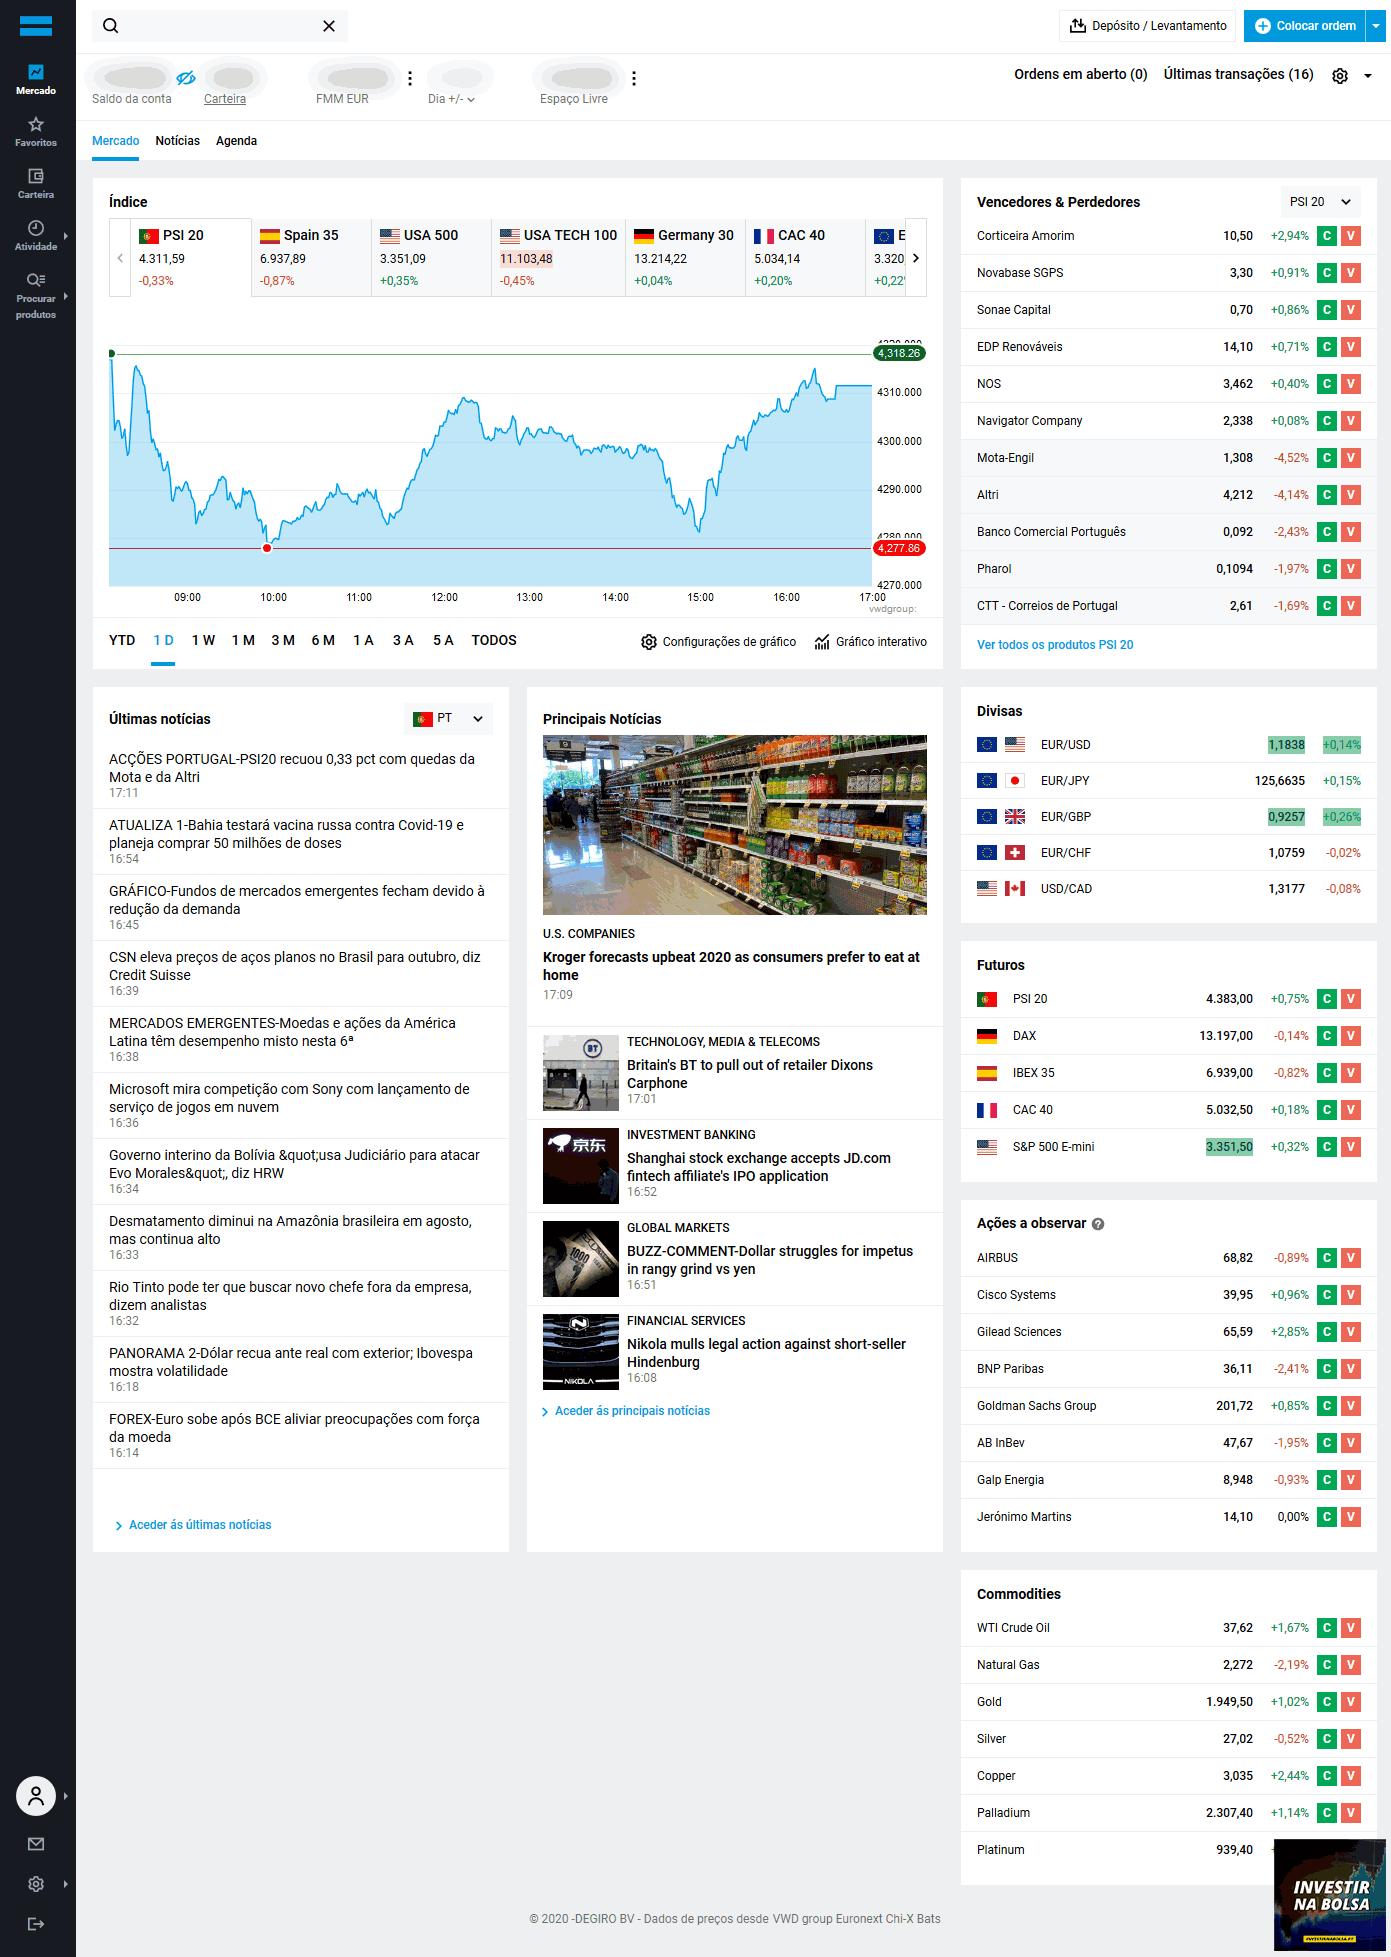 Como funciona a corretora DEGIRO - página inicial do investidor